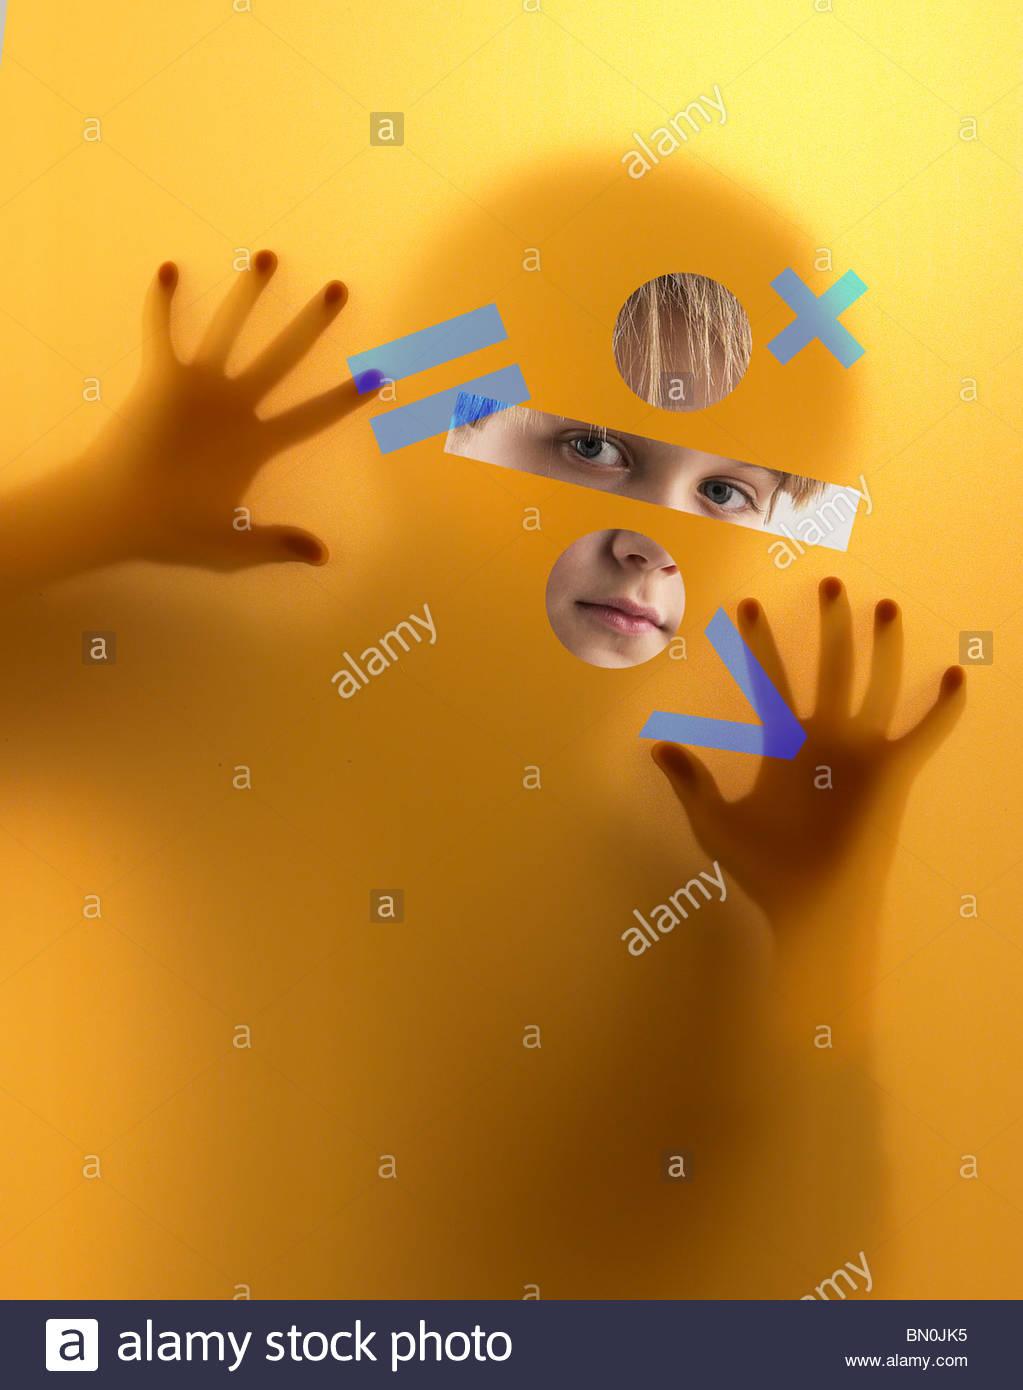 Un niño mira a través de una pantalla cubierta de símbolos matemáticos Foto de stock